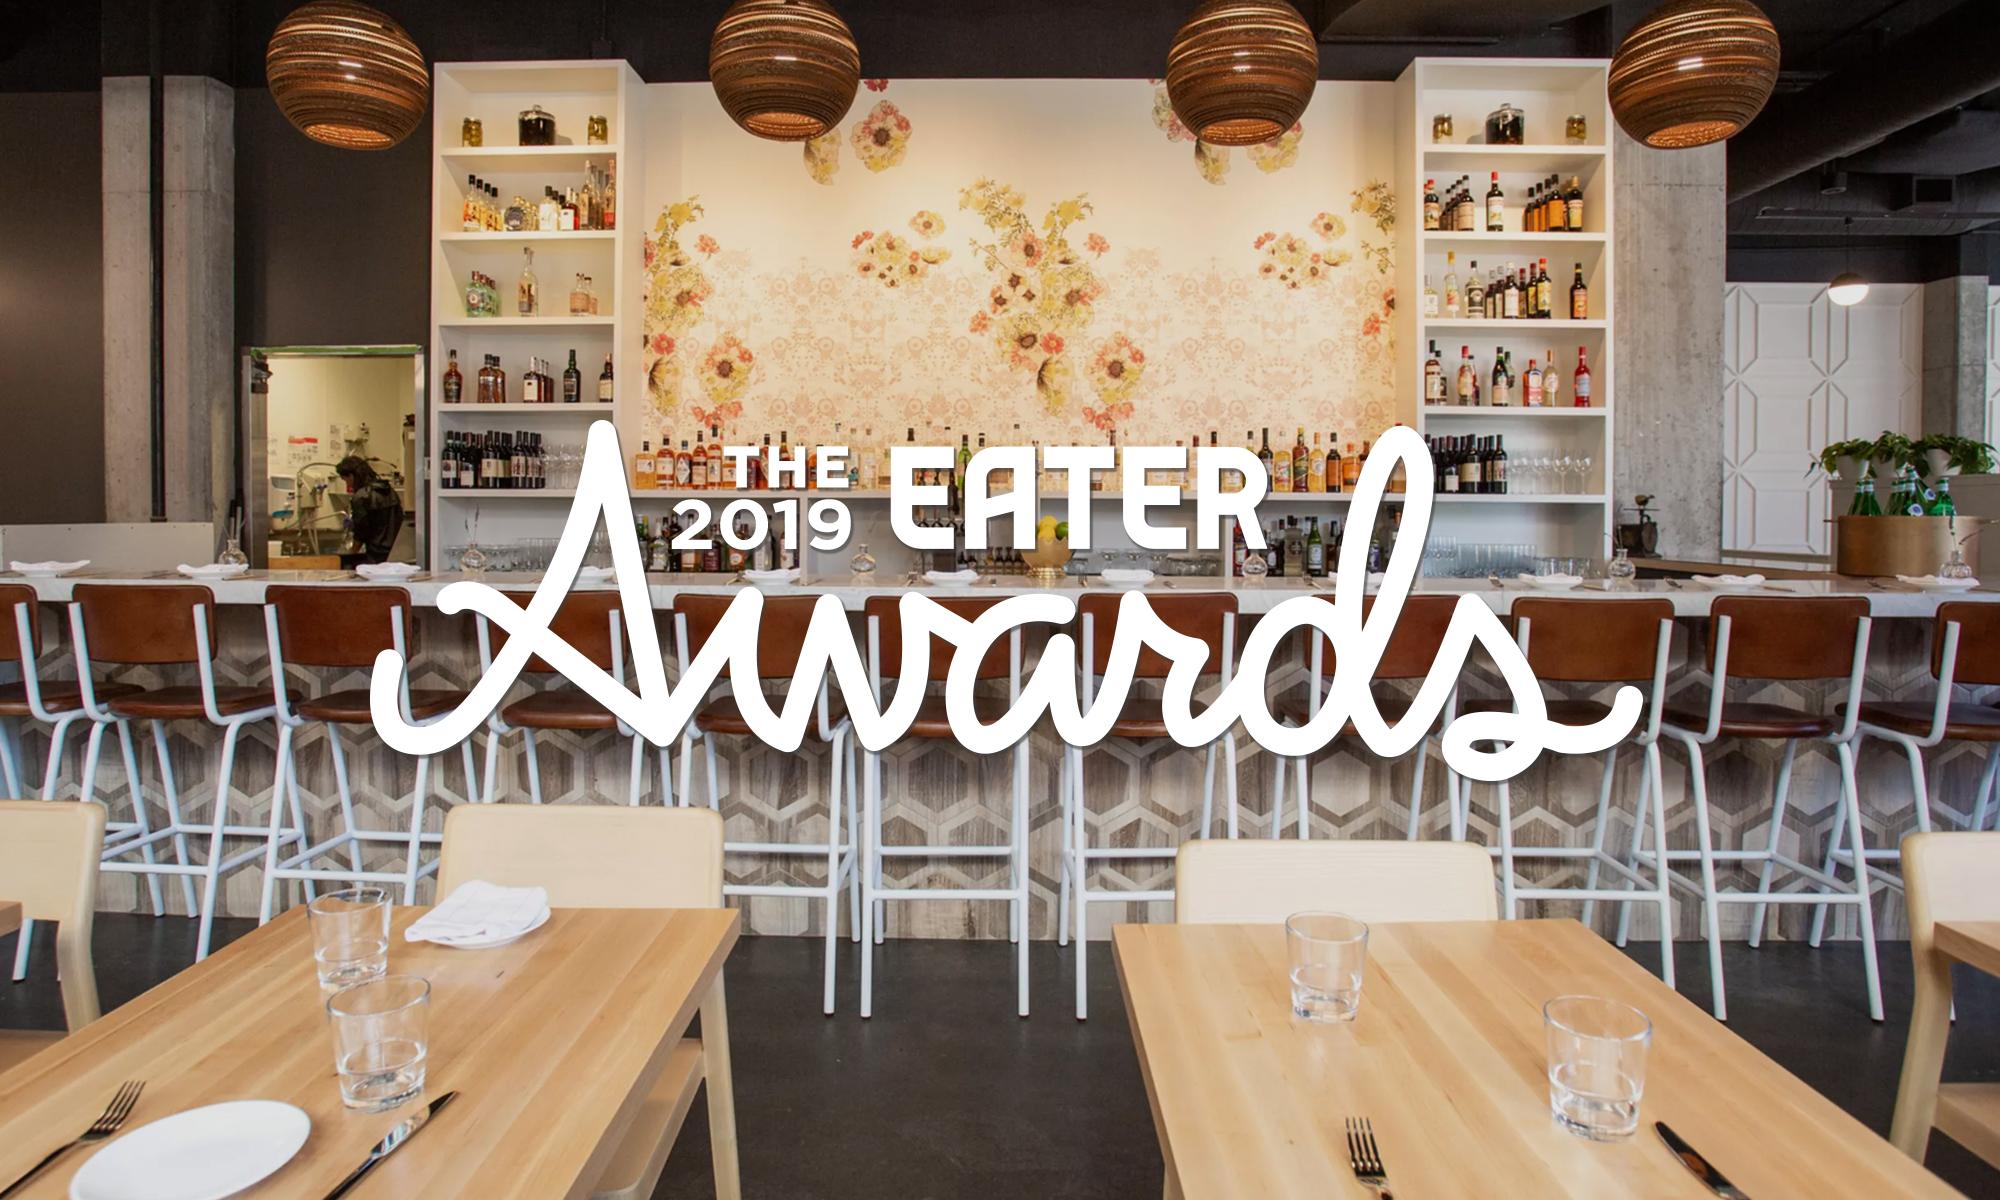 Seattle's 2019 Eater Award Winners